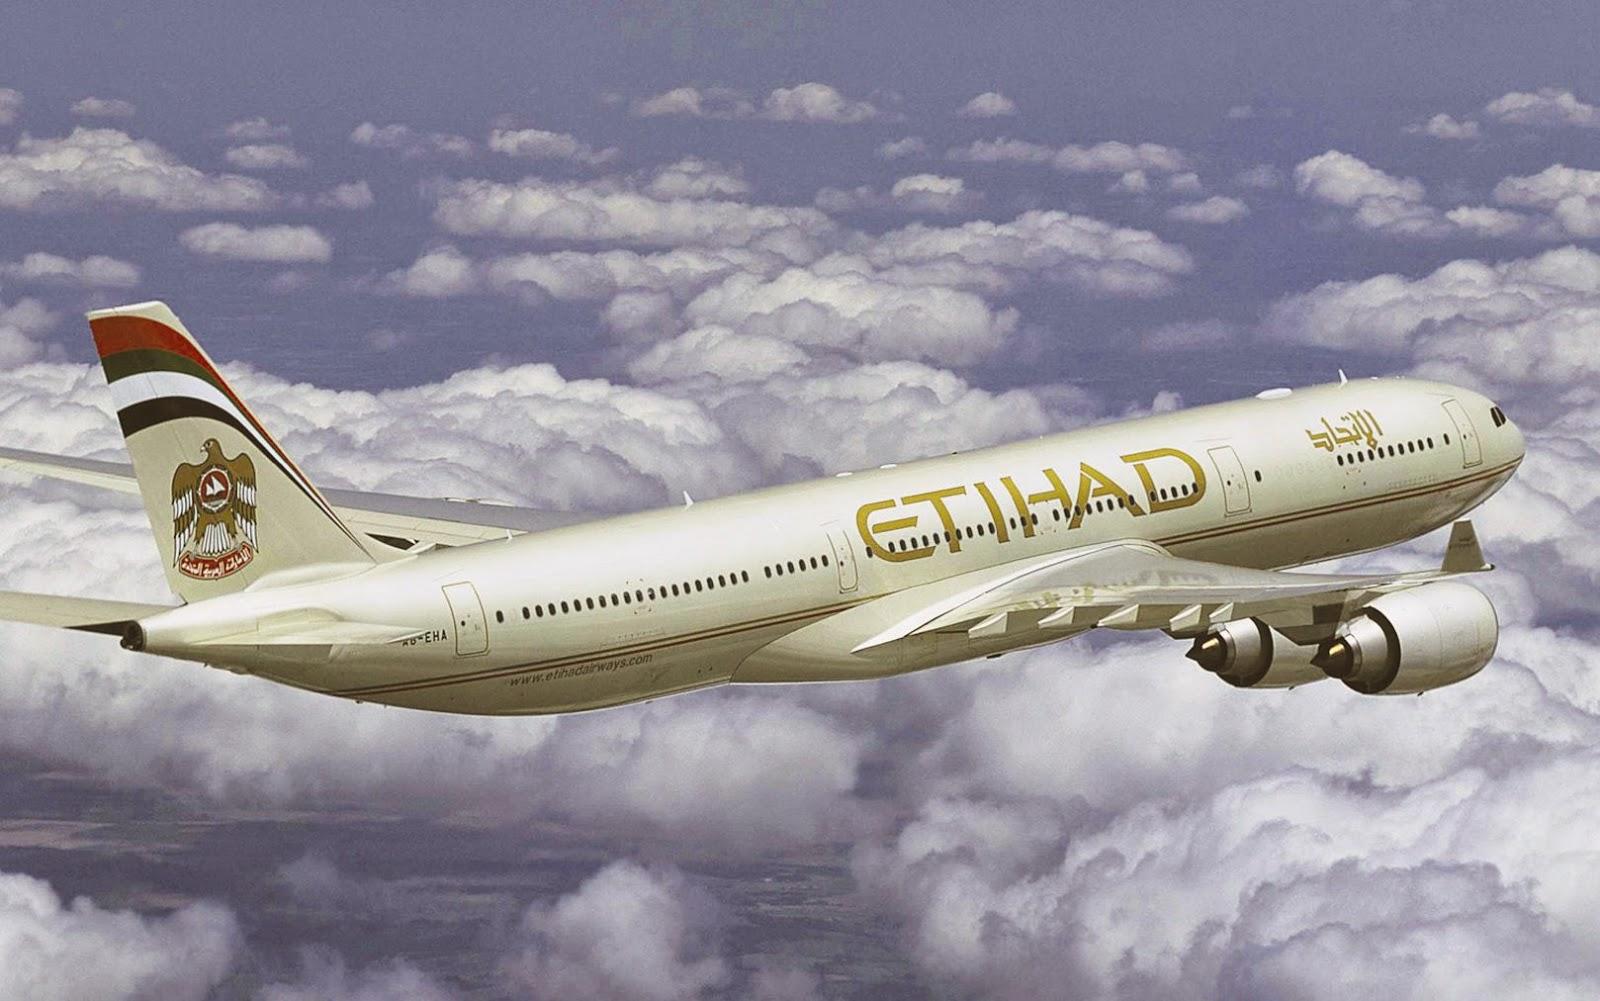 Pesawat Etihad, Garuda Indonesia, Saudi Airlines, Yemenia - Harga Biaya Paket Umroh Murah Desember 2014 - Januari 2015